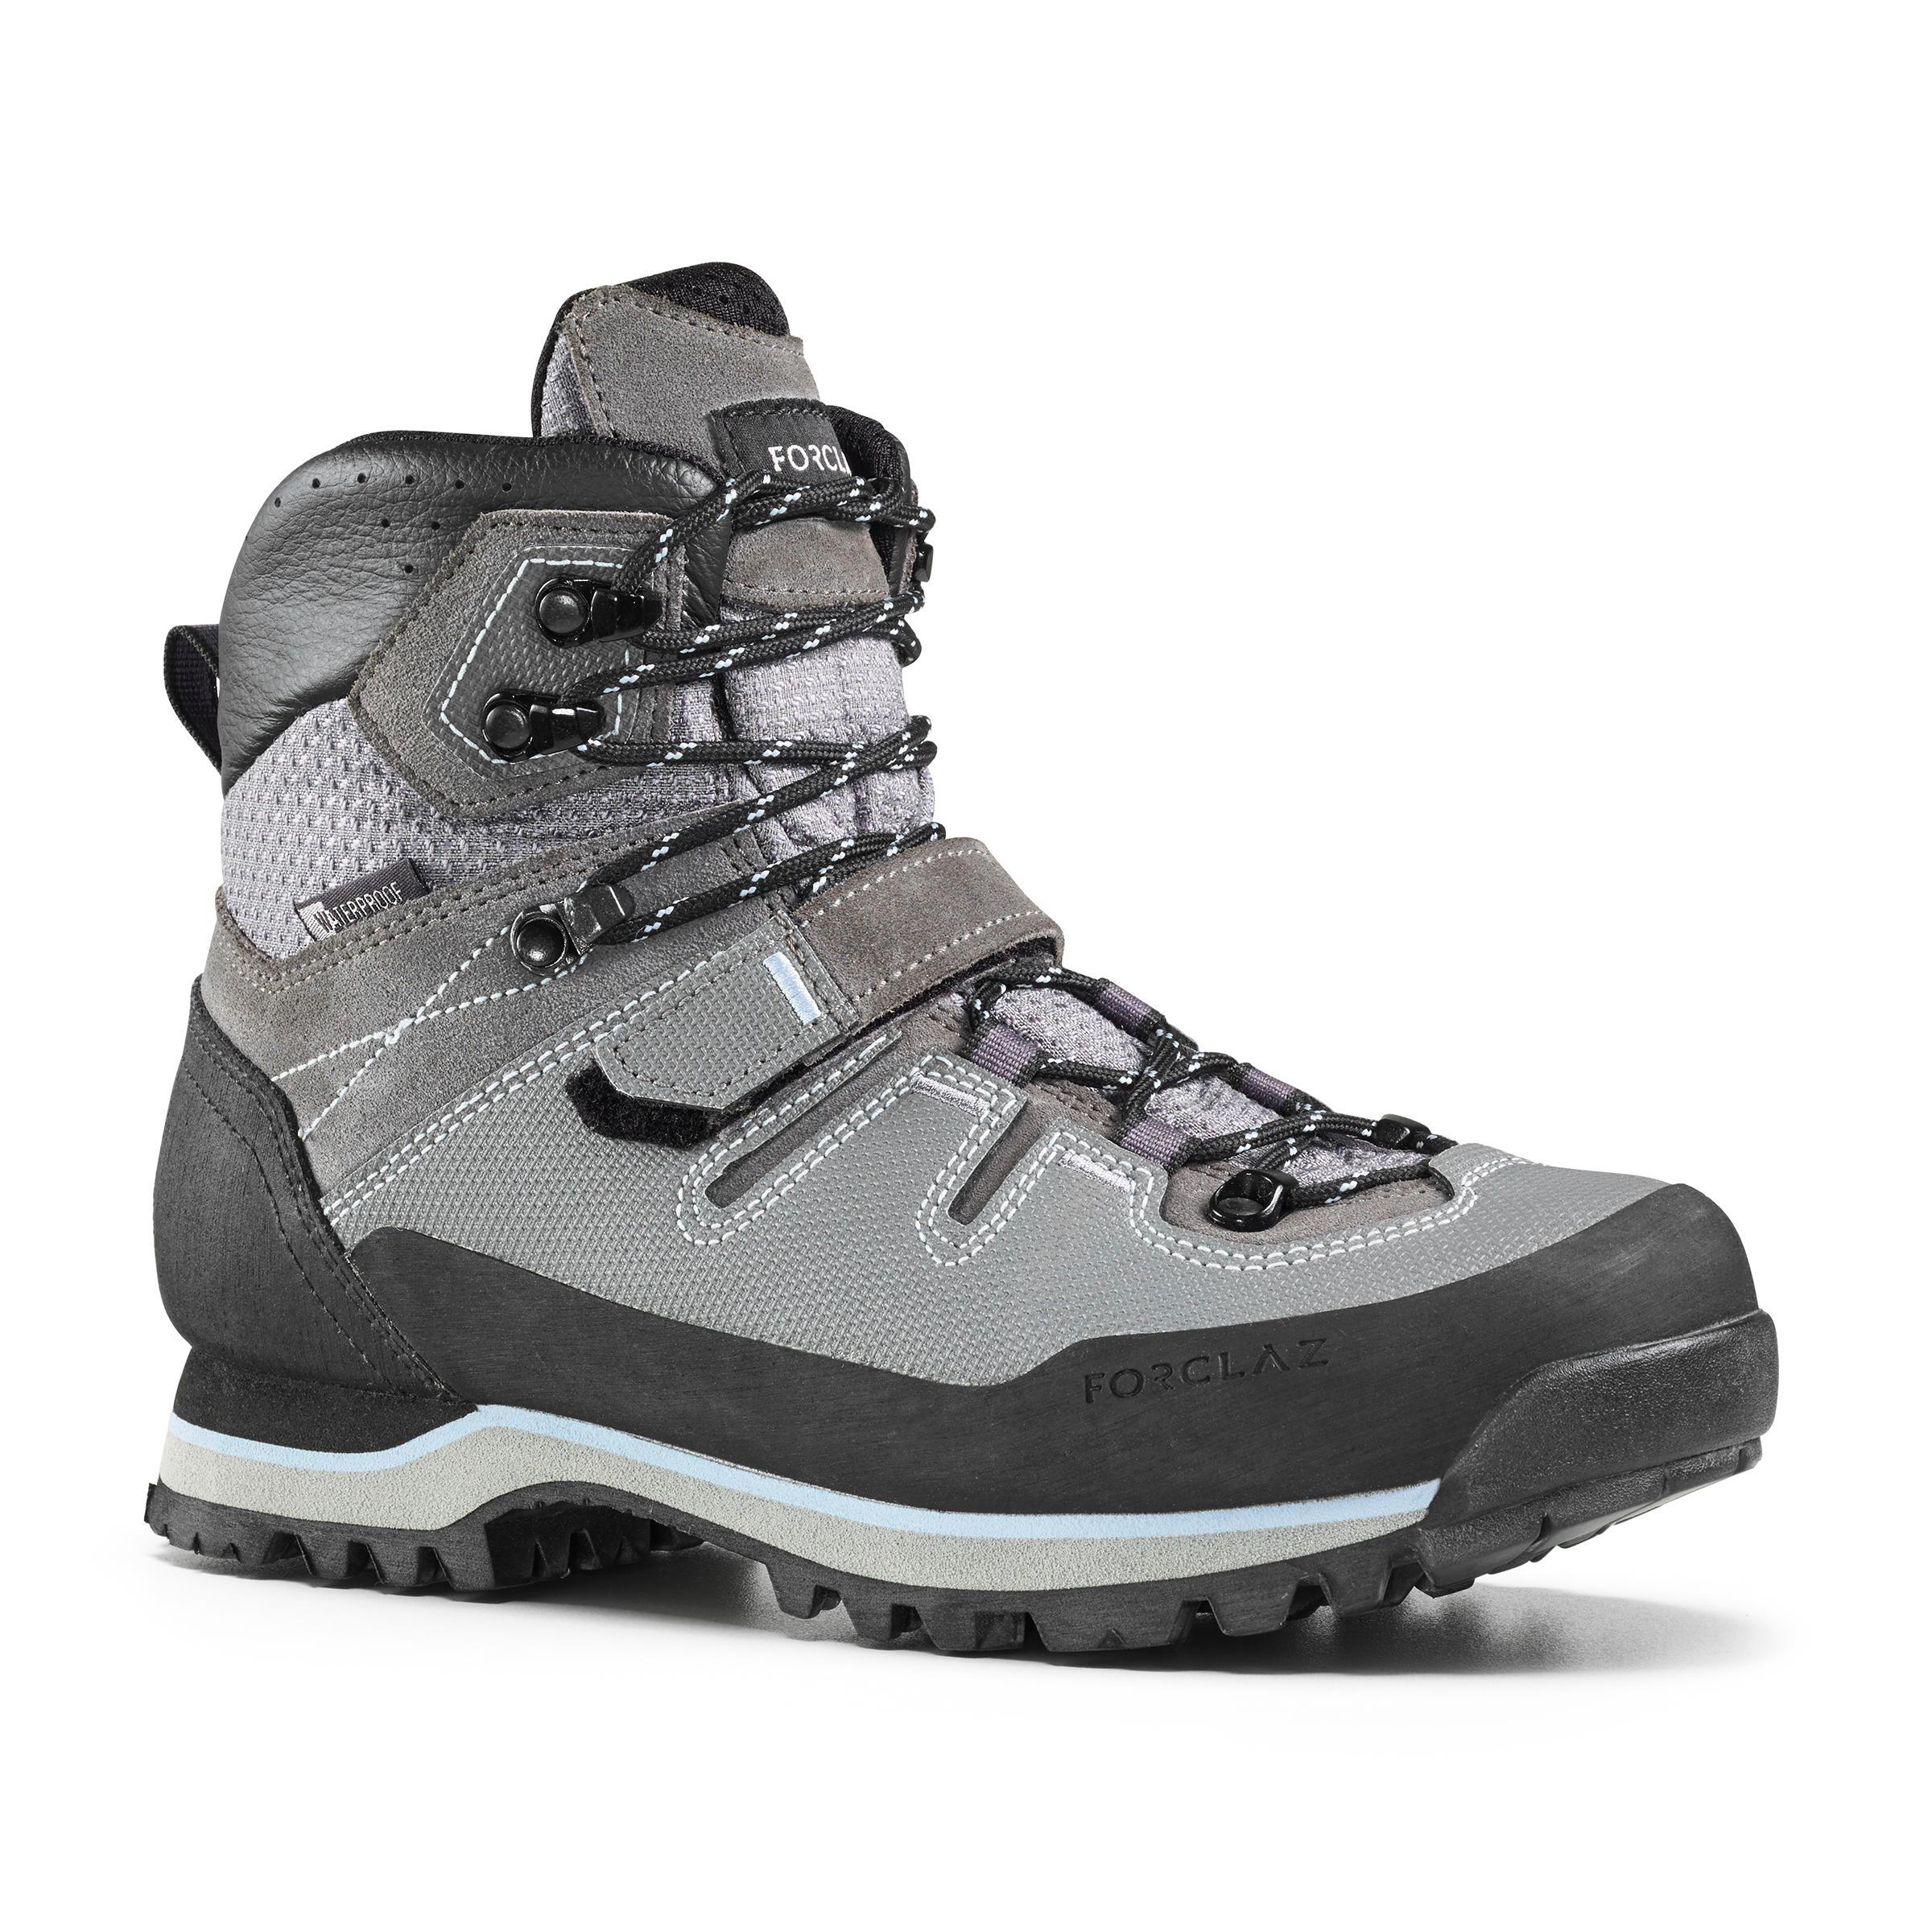 9121bbb79fb Chaussures de randonnée femme